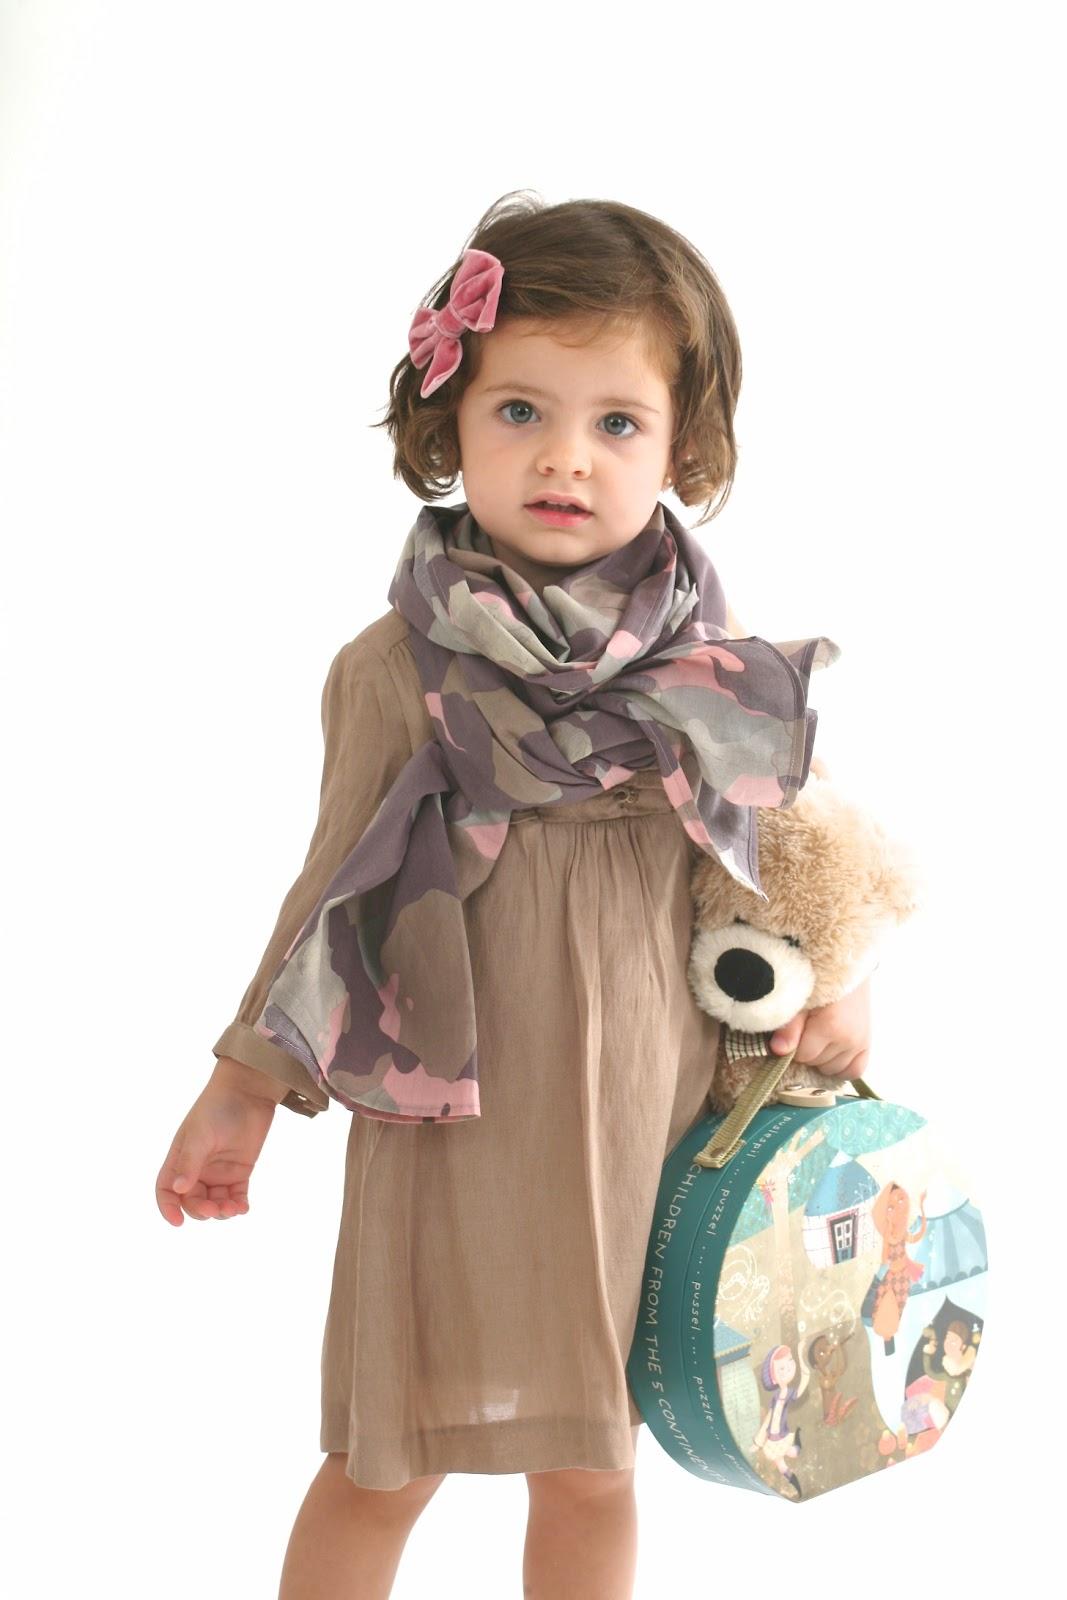 Fulares, pulseras, bolsos, cinturonesComplementos Made in Spain para niñas y niños